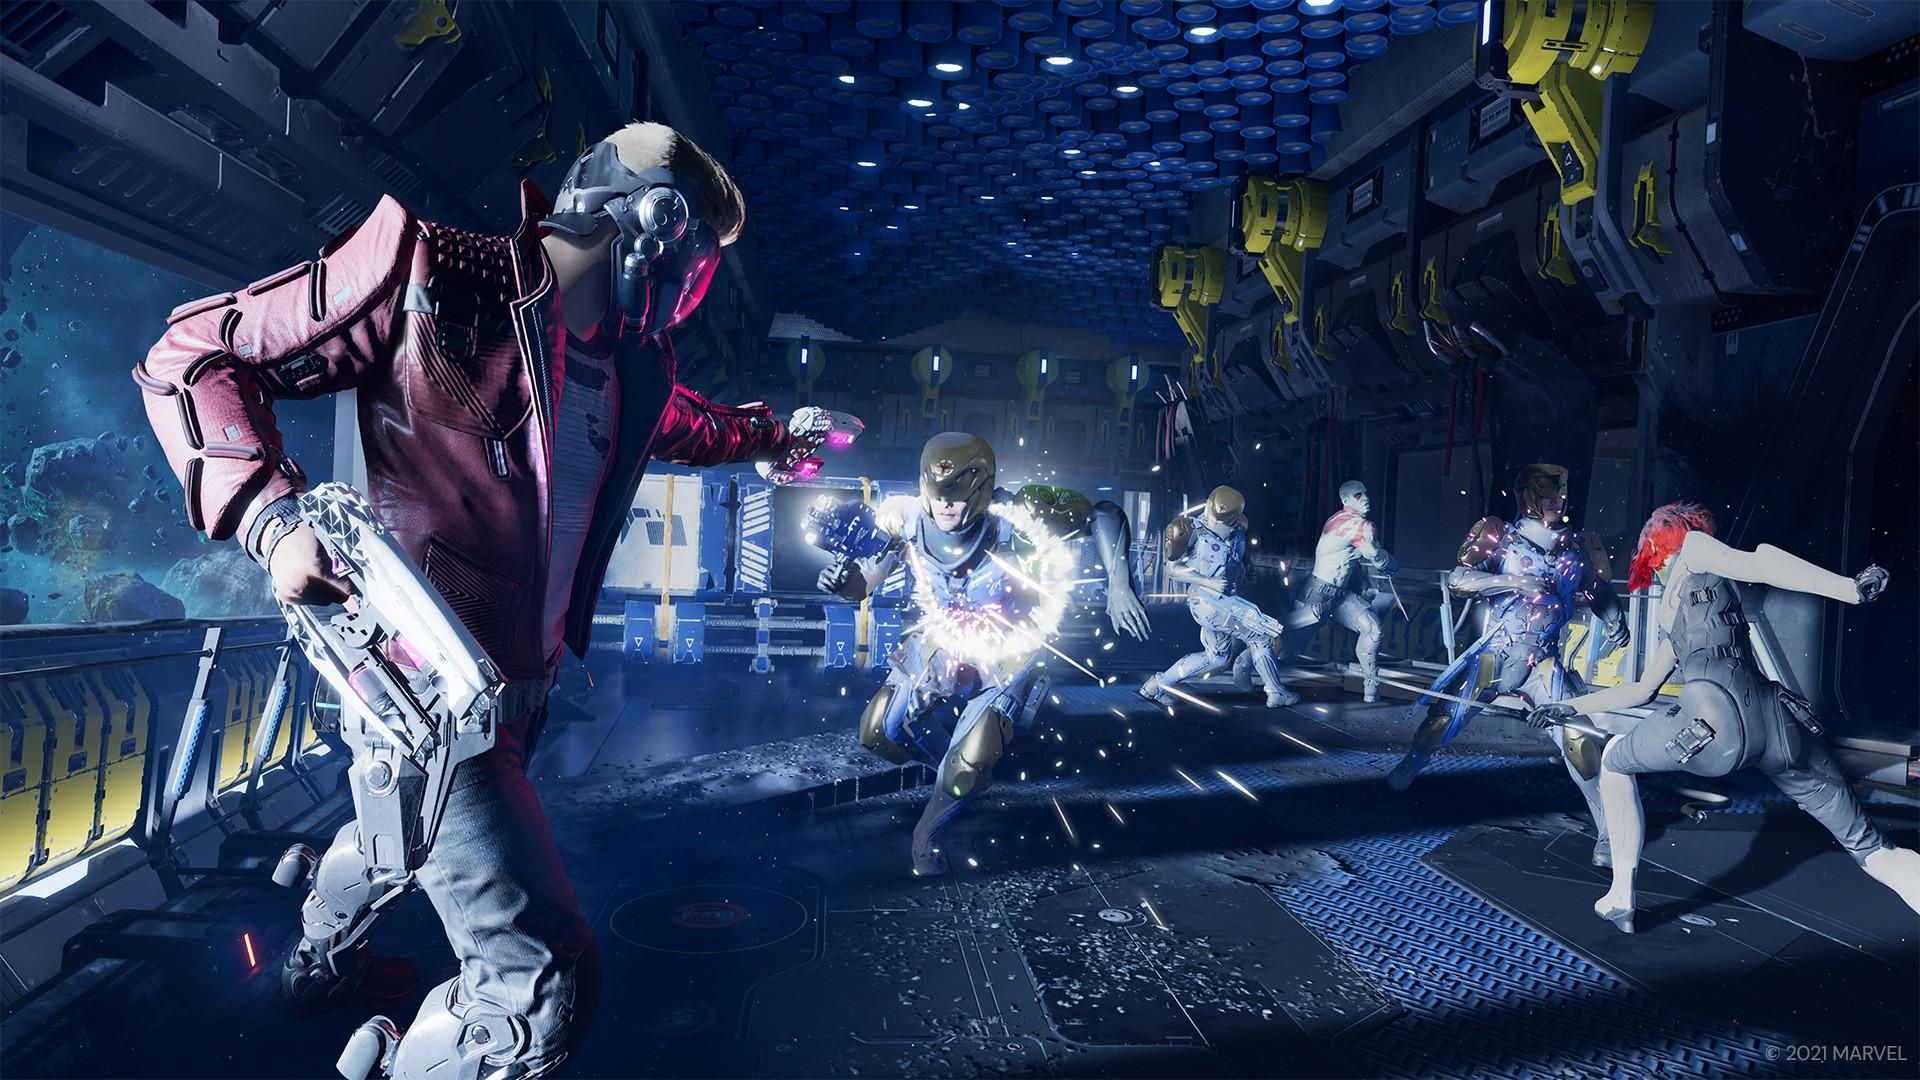 El videojuego de Los Guardianes de la Galaxia llegará este año trayendo una nueva aventura de este grupo de héroes.